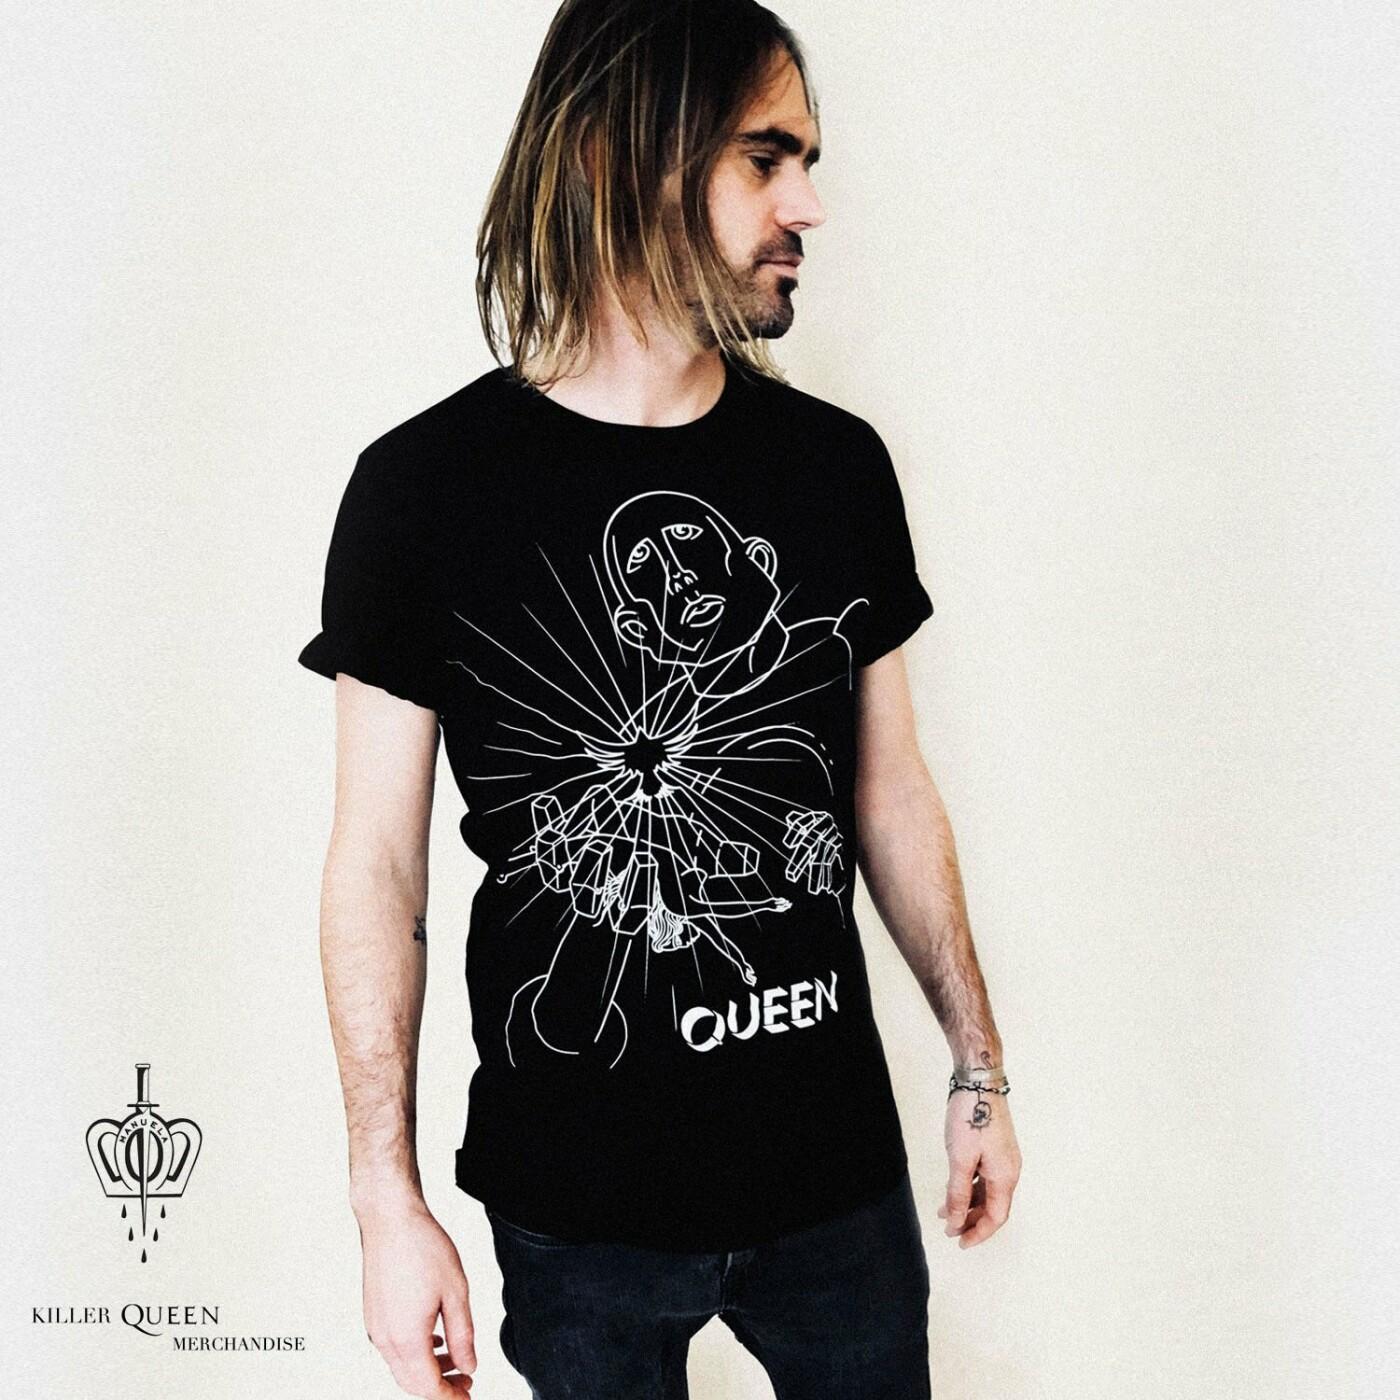 """Grupė """"Queen"""" ir garsi tatuiruočių meistrė pristatė išskirtinio dizaino kolekciją, nuotrauka-18"""